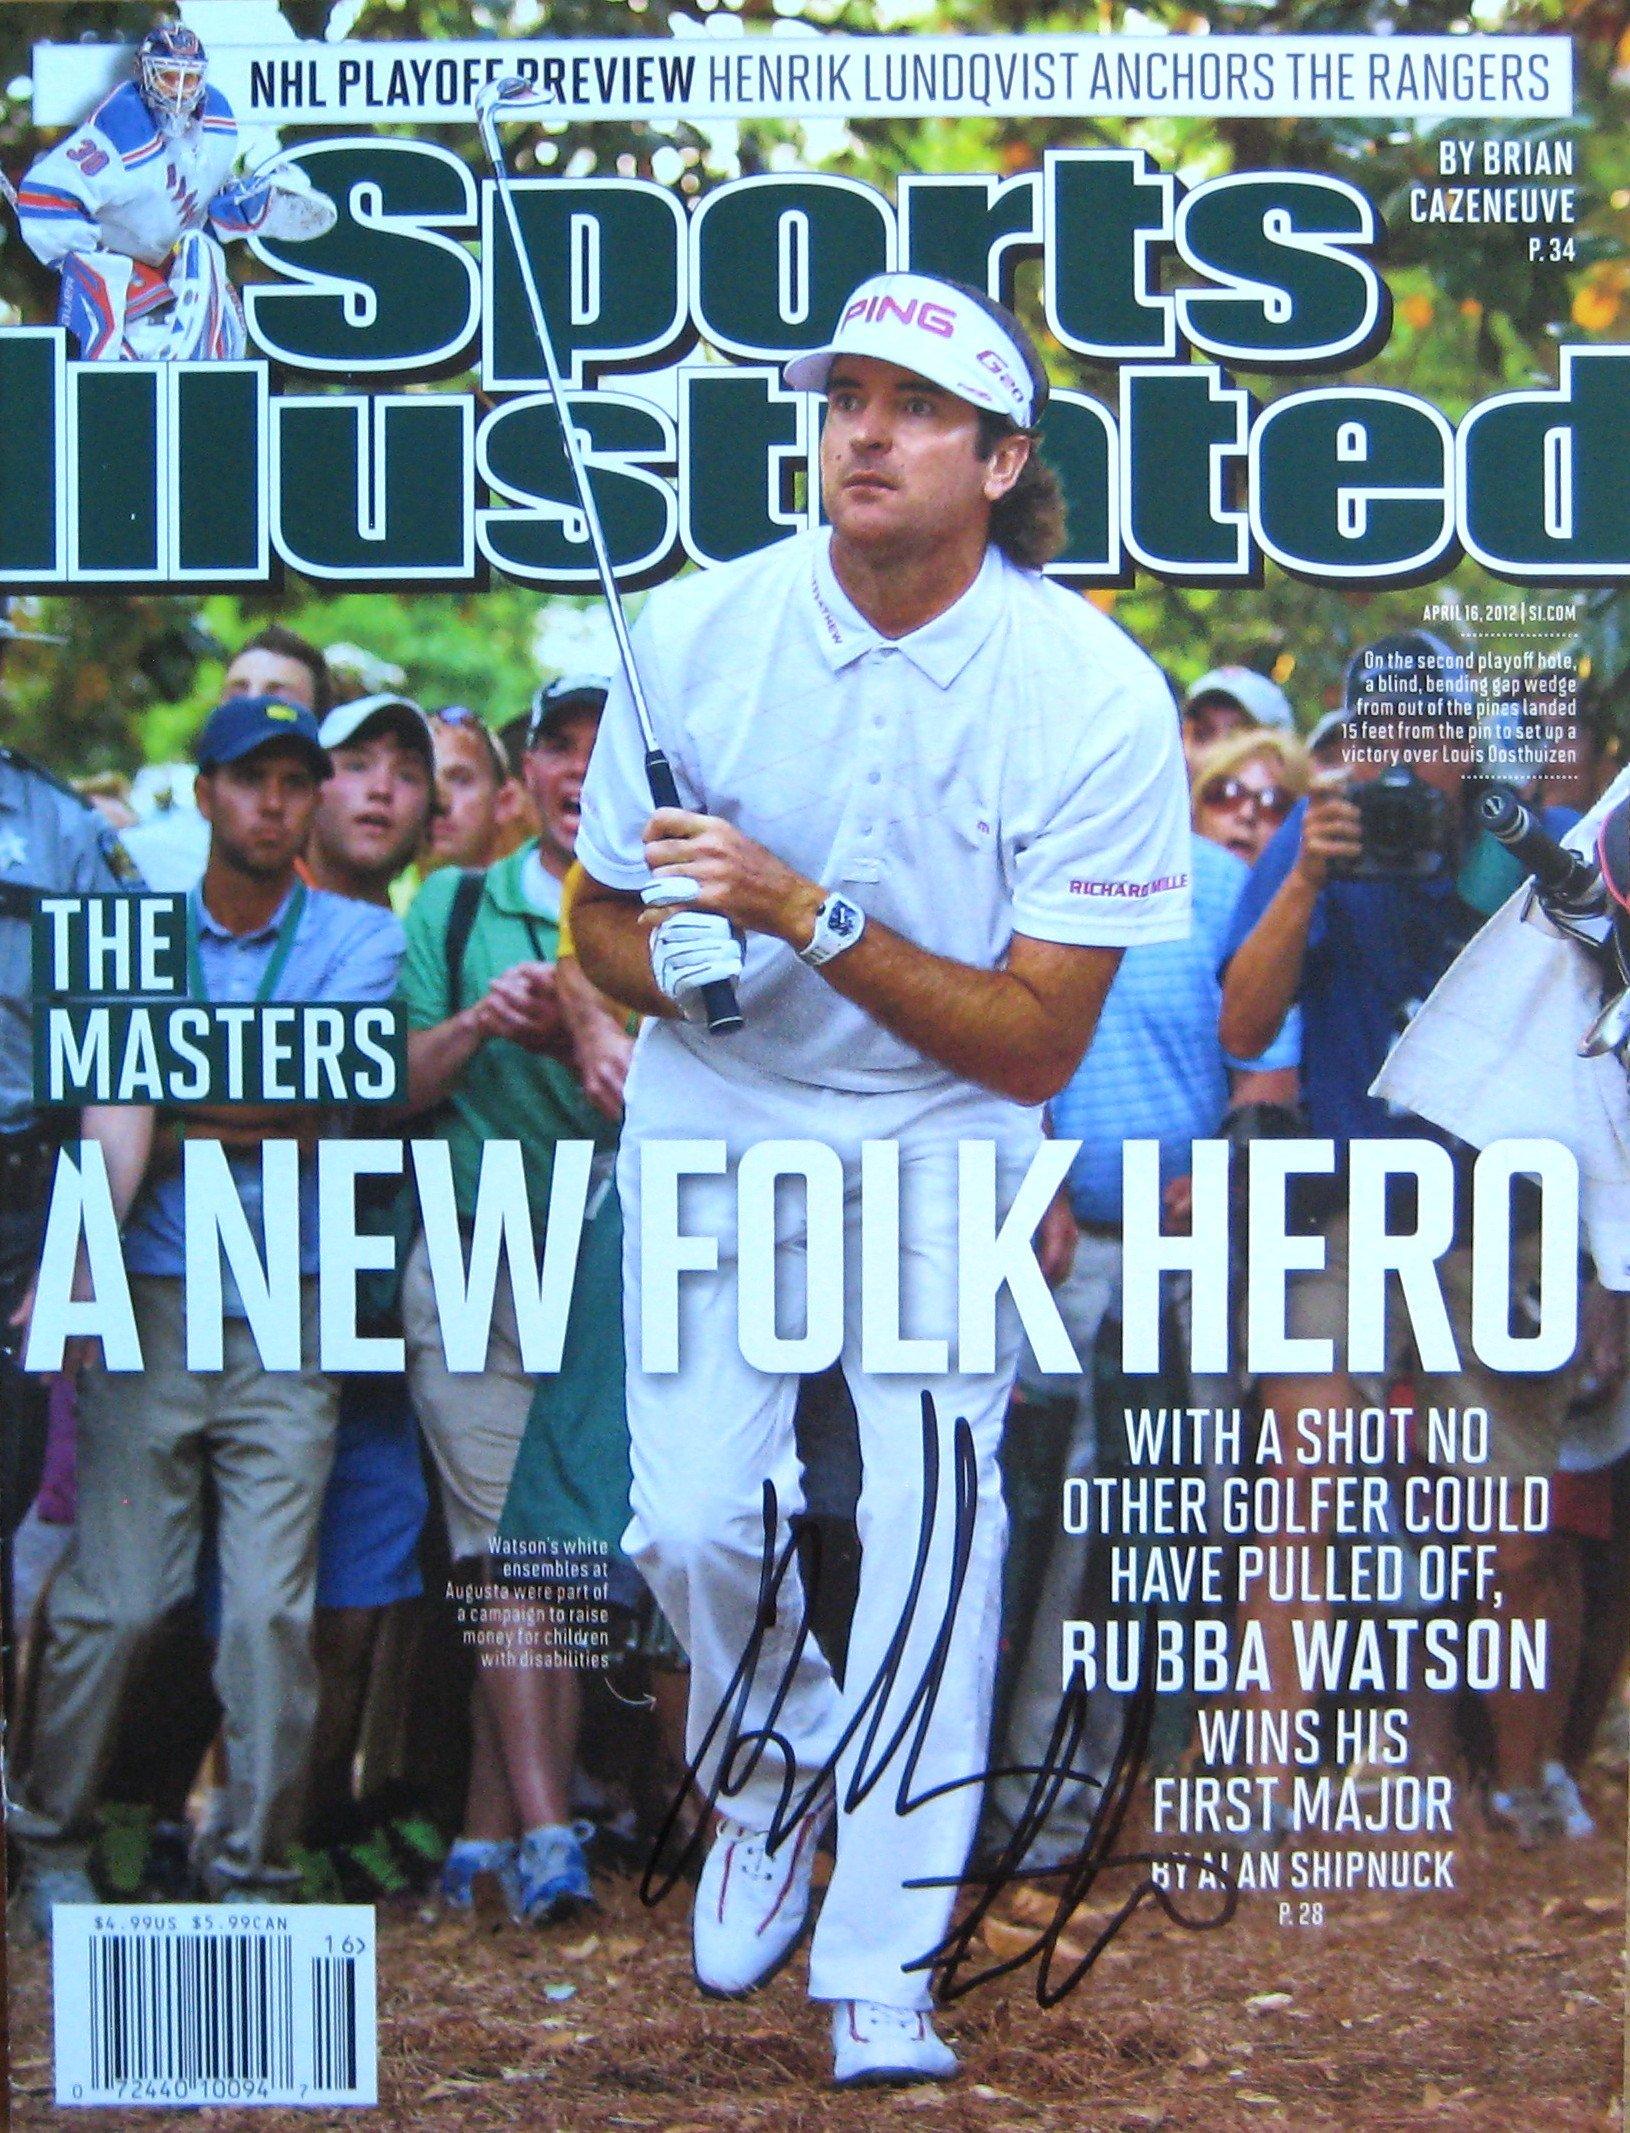 Watson, Bubba 4/16/12 autographed magazine